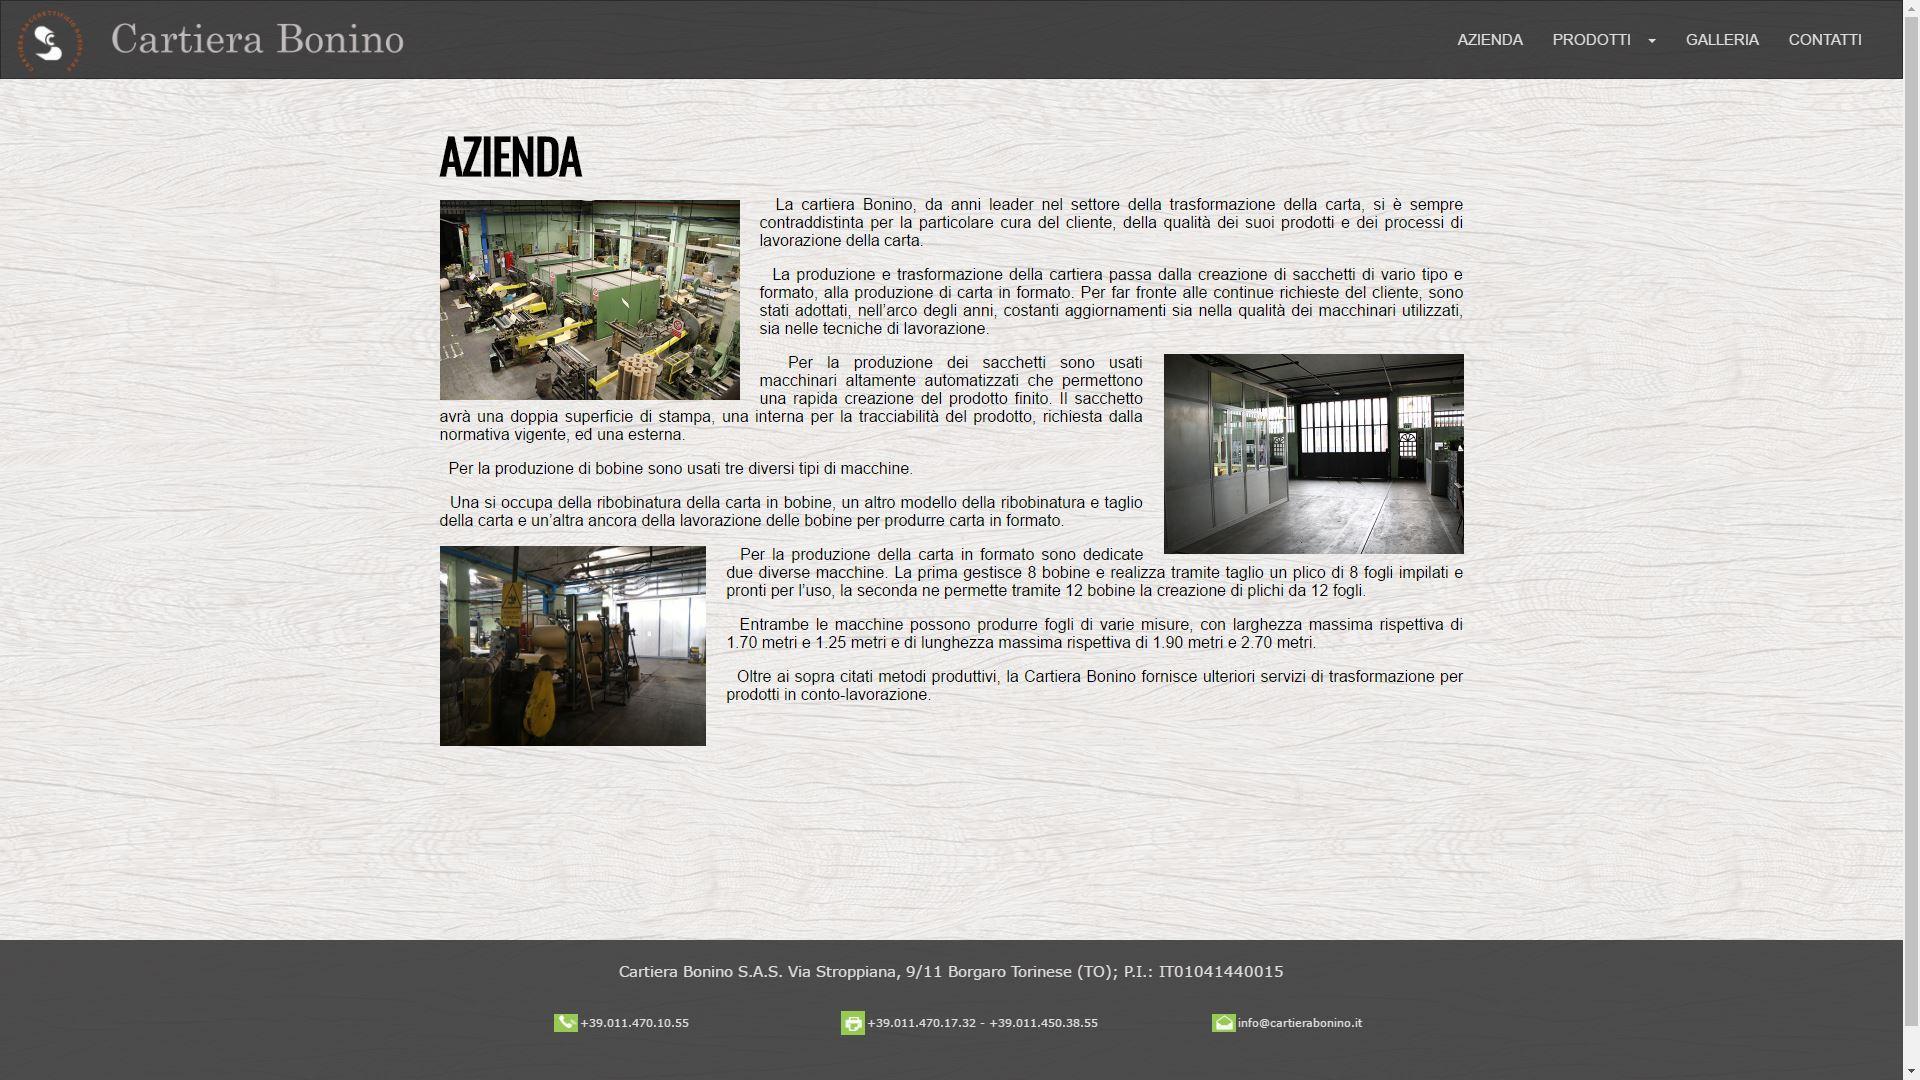 Mk Computers - Assistenza PC e Siti Web Caselle Torinese - Cartiera Bonino storia dell`azienda